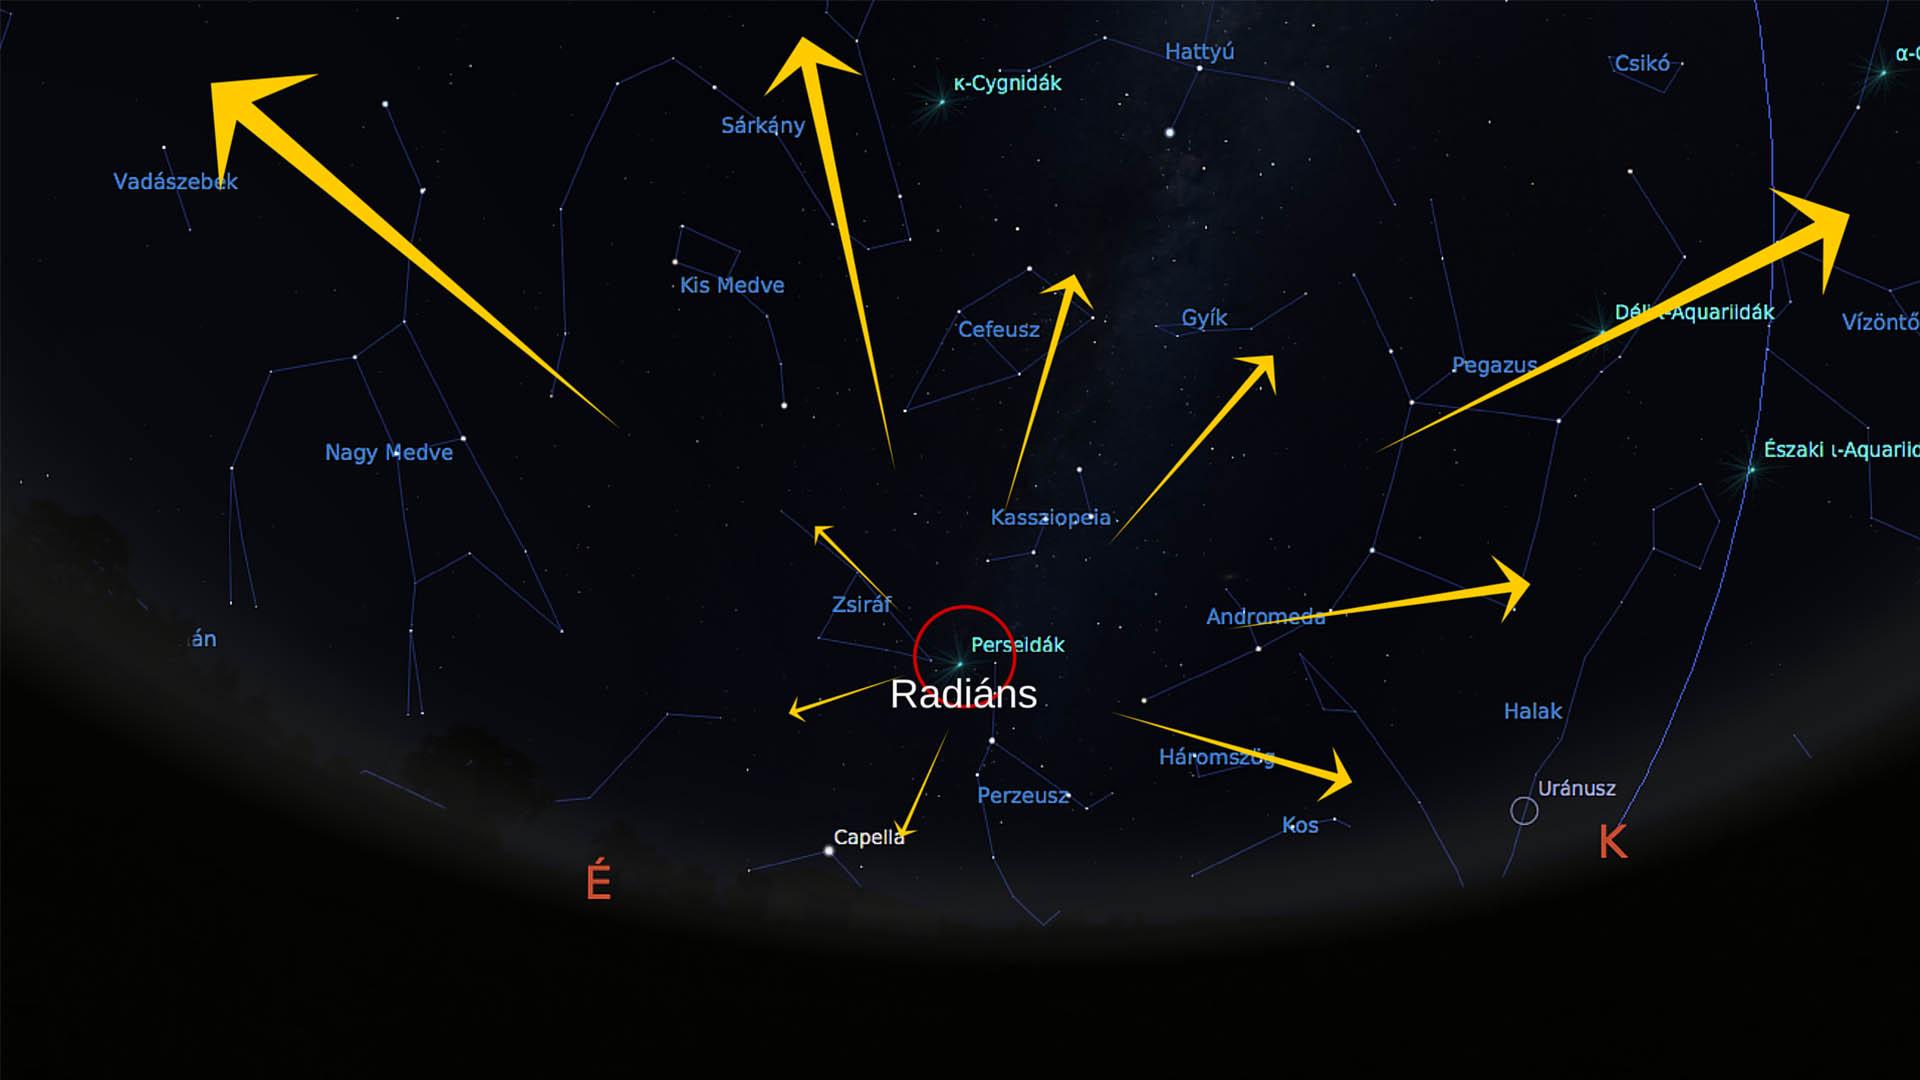 Perseidák meteorraj fotózásához segítség: radiáns elhelyezkedése